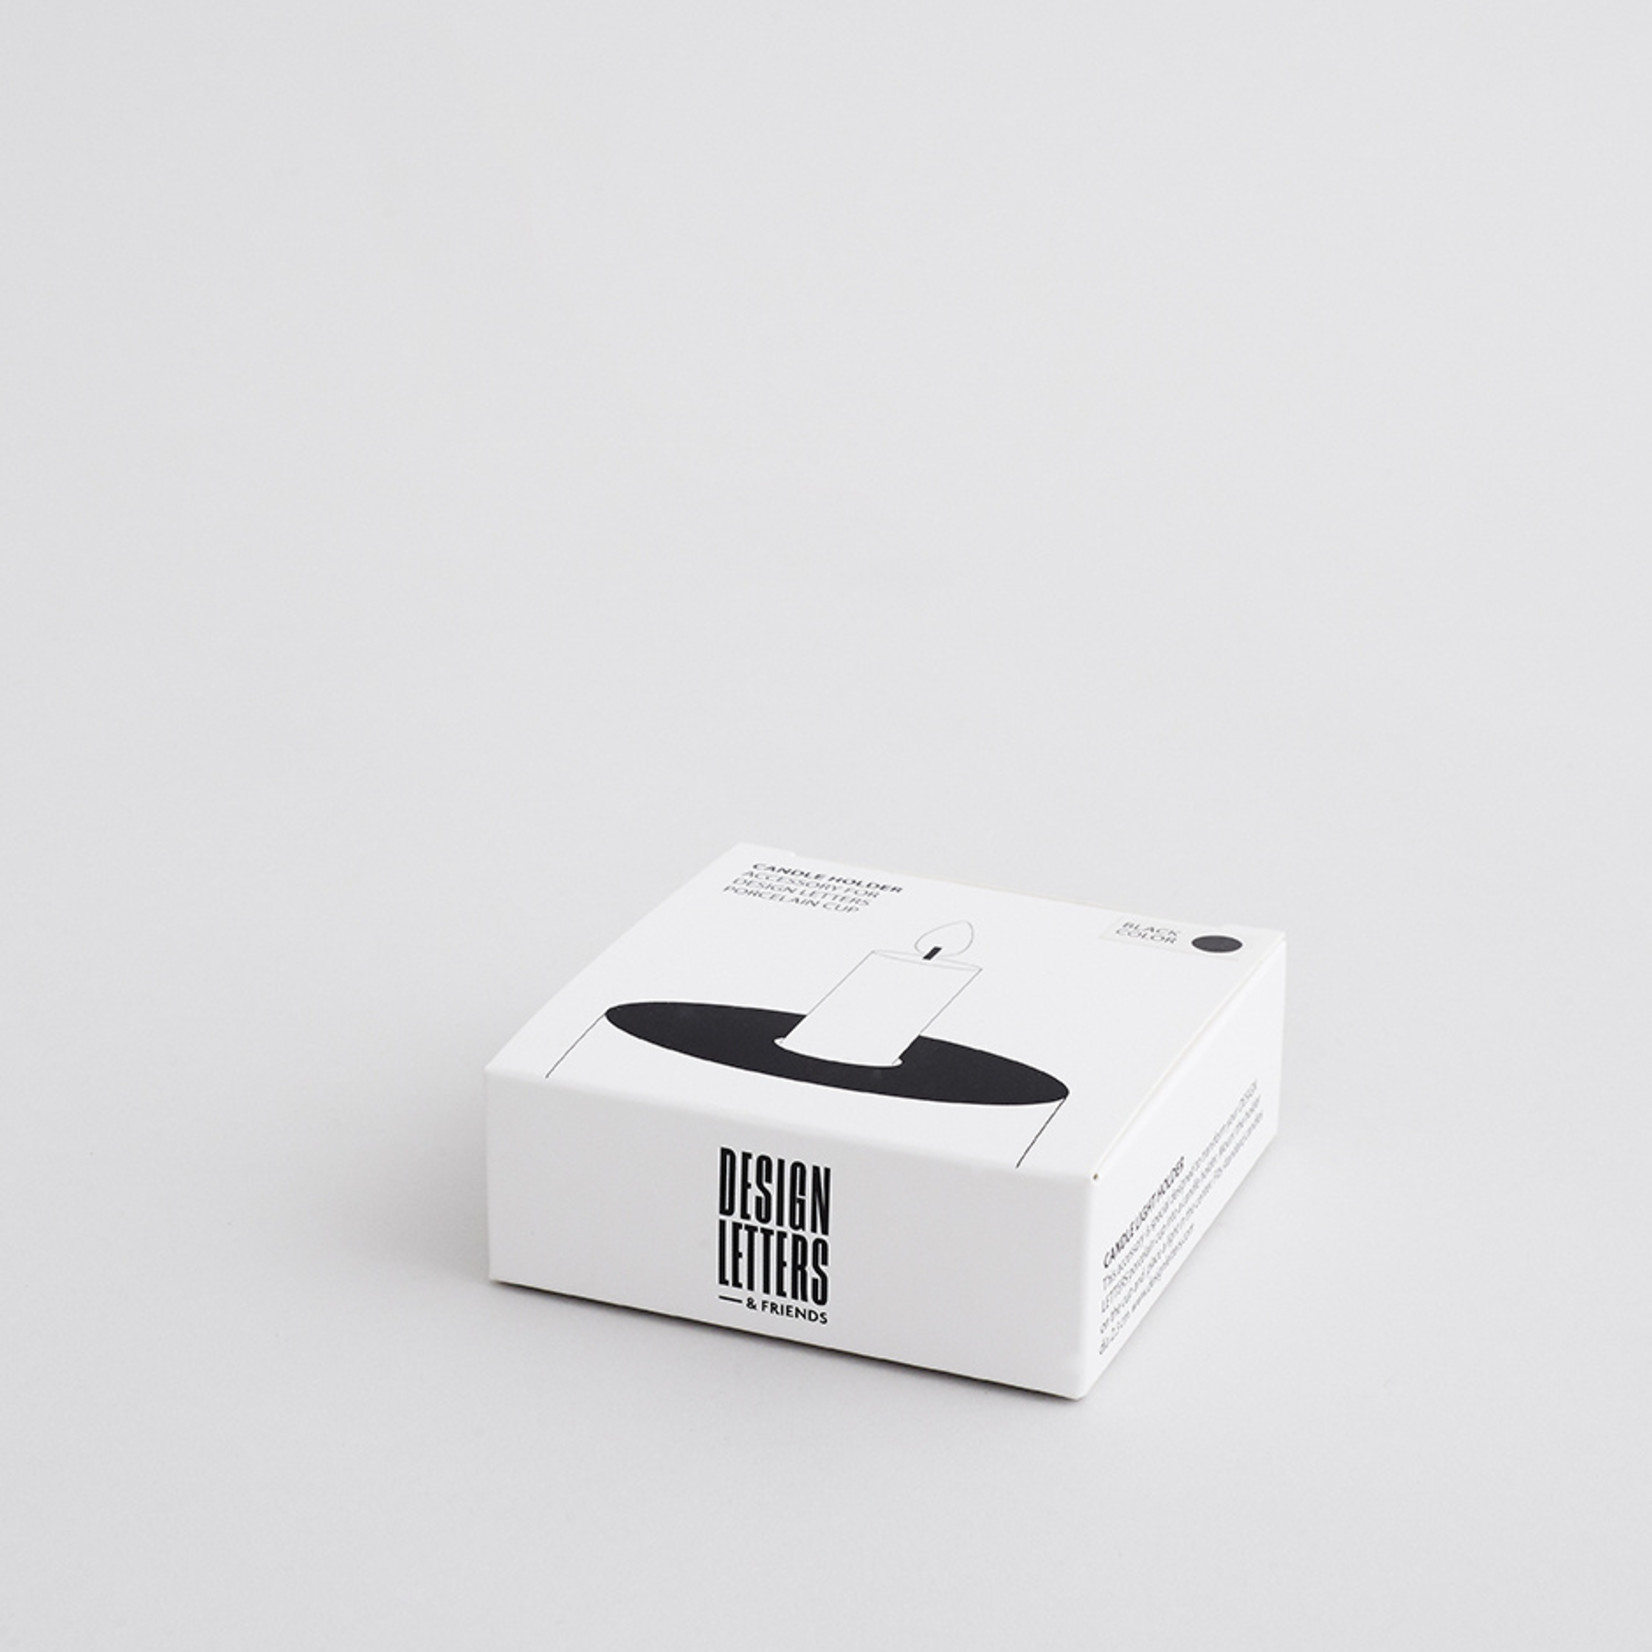 Design Letters Candle holder Black